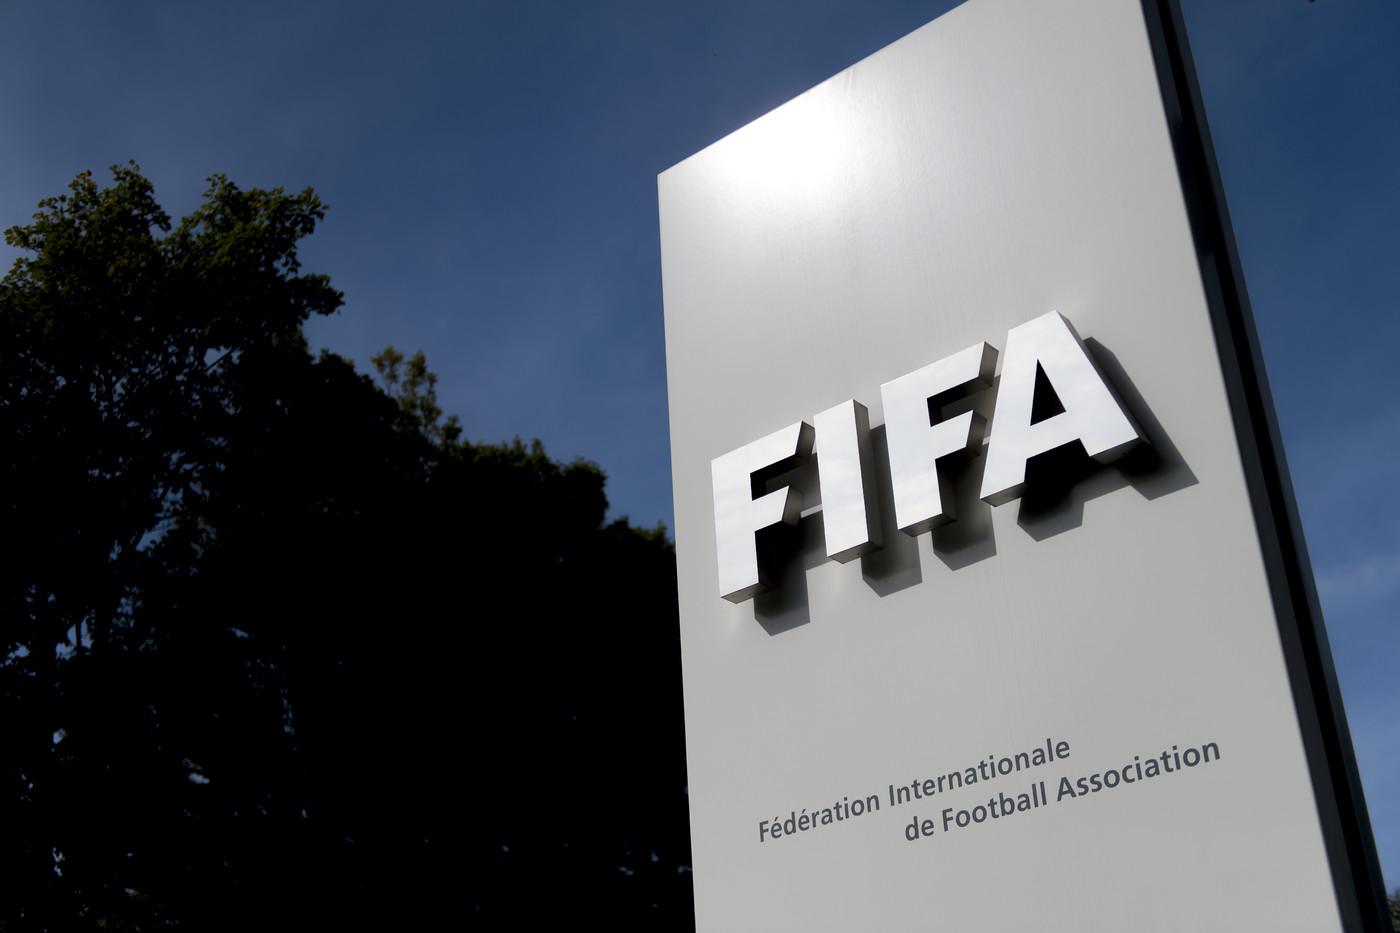 Congrès virtuel de la Fifa en septembre